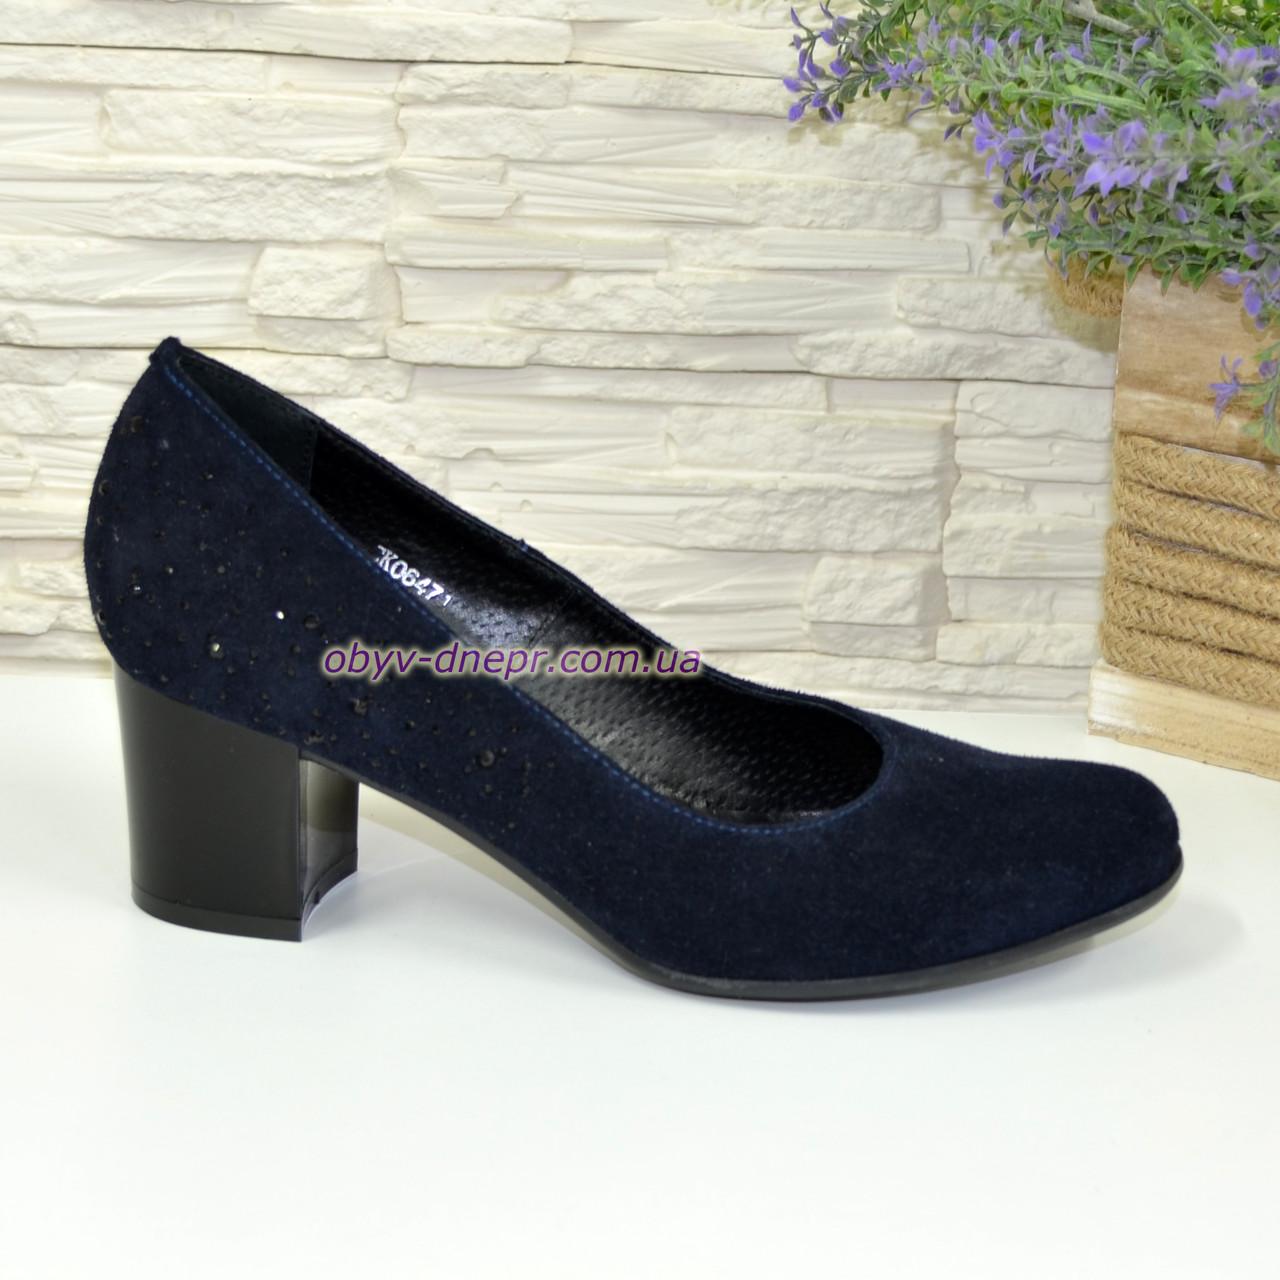 Женские замшевые туфли на невысоком каблуке, цвет синий